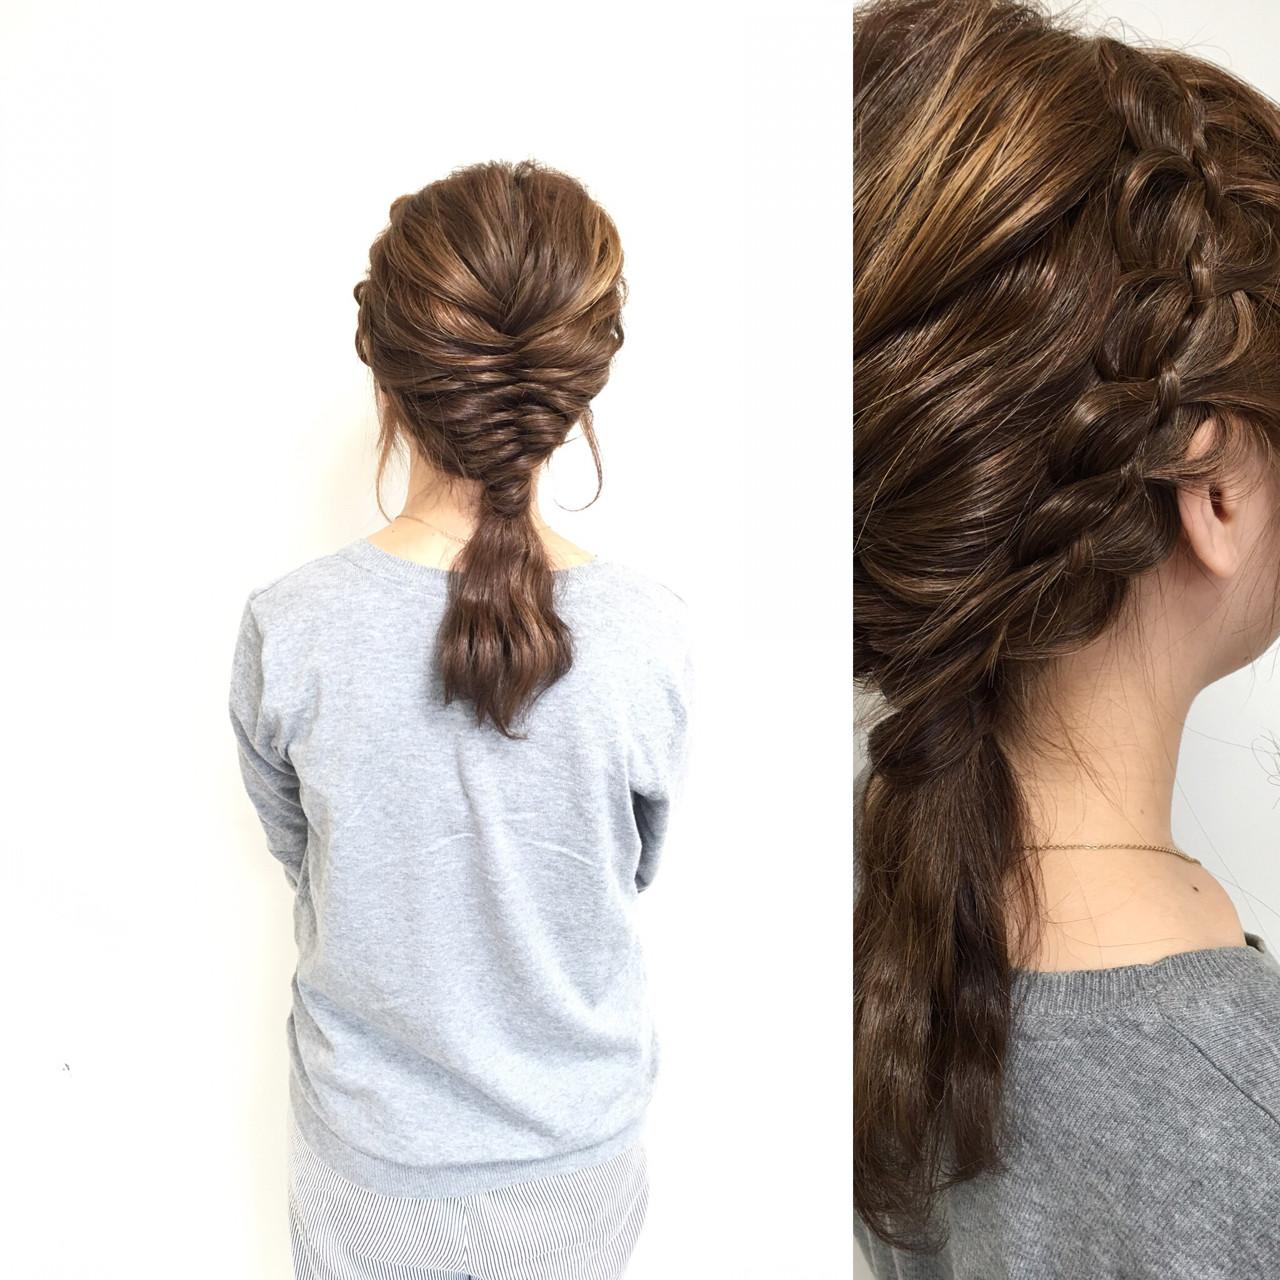 ハーフアップ ゆるふわ ショート セミロング ヘアスタイルや髪型の写真・画像   植松 裕也 / Hair design Laule'a une ラウレア